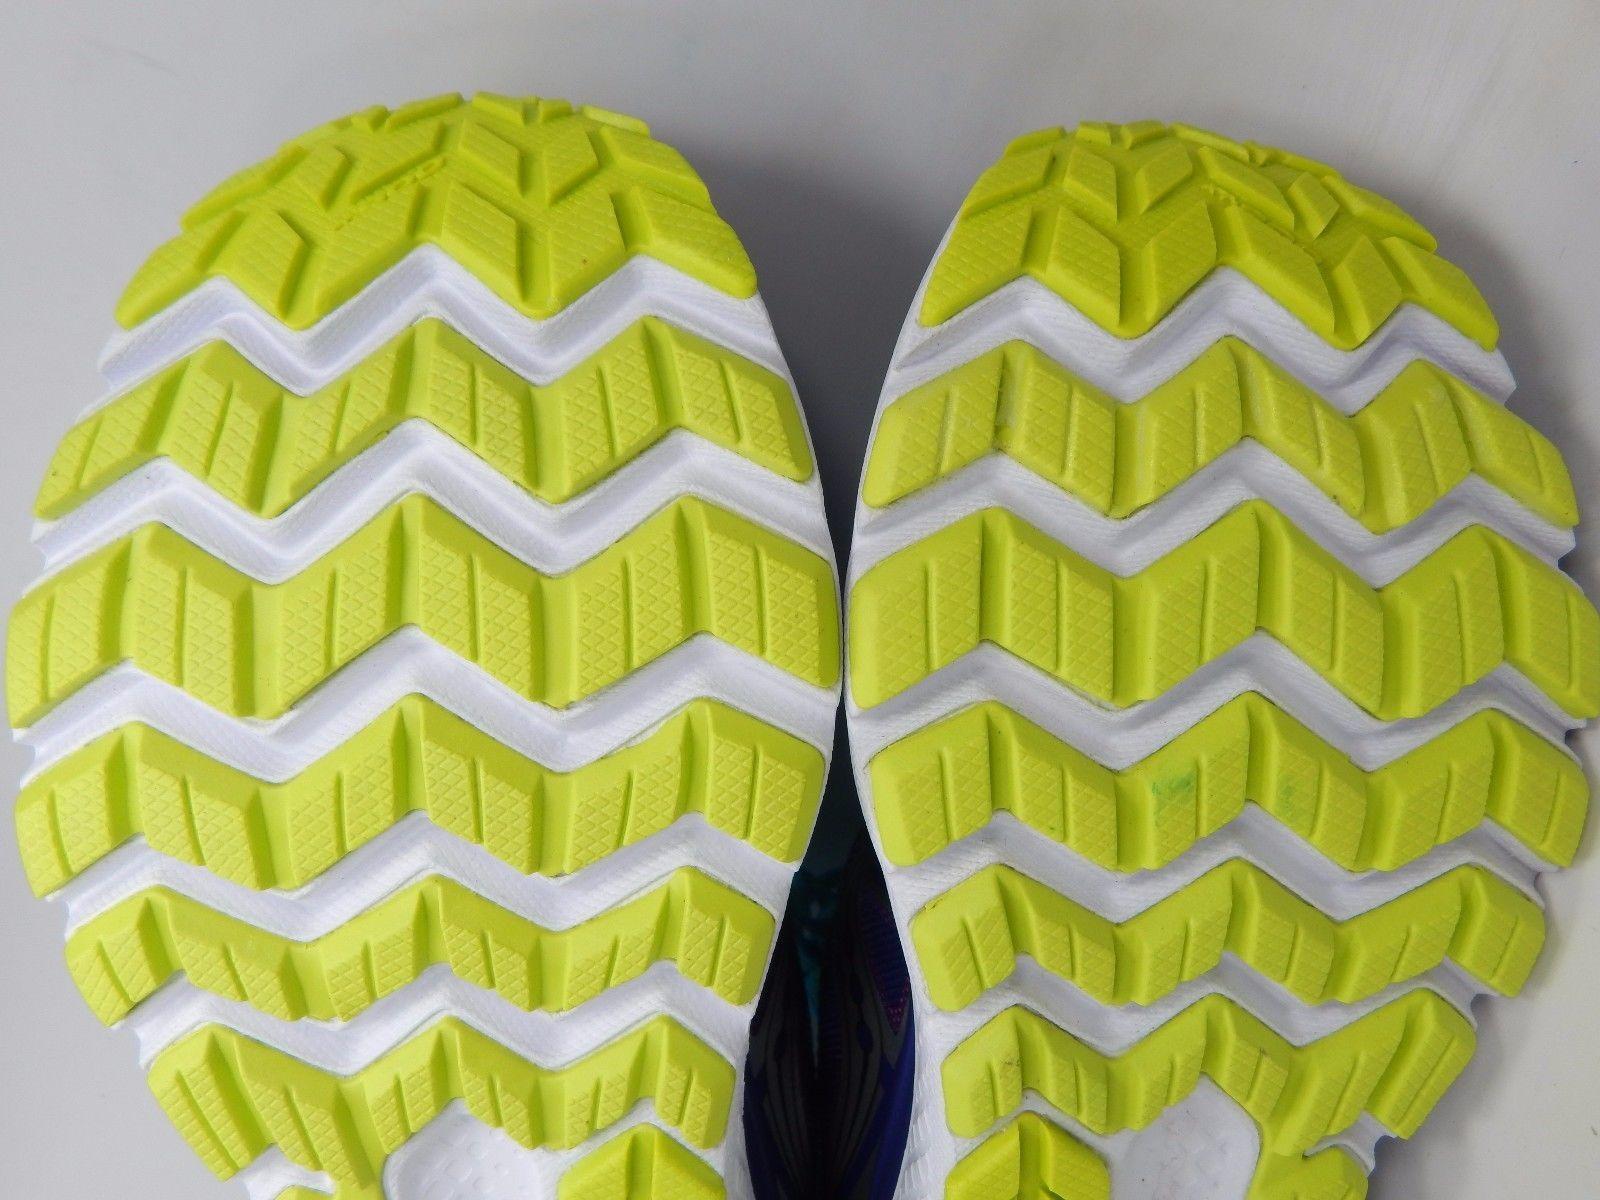 MISMATCH Saucony Triumph ISO 3 Women's Shoes Sz 8 M (B) Left & Sz 9 M (B) Right